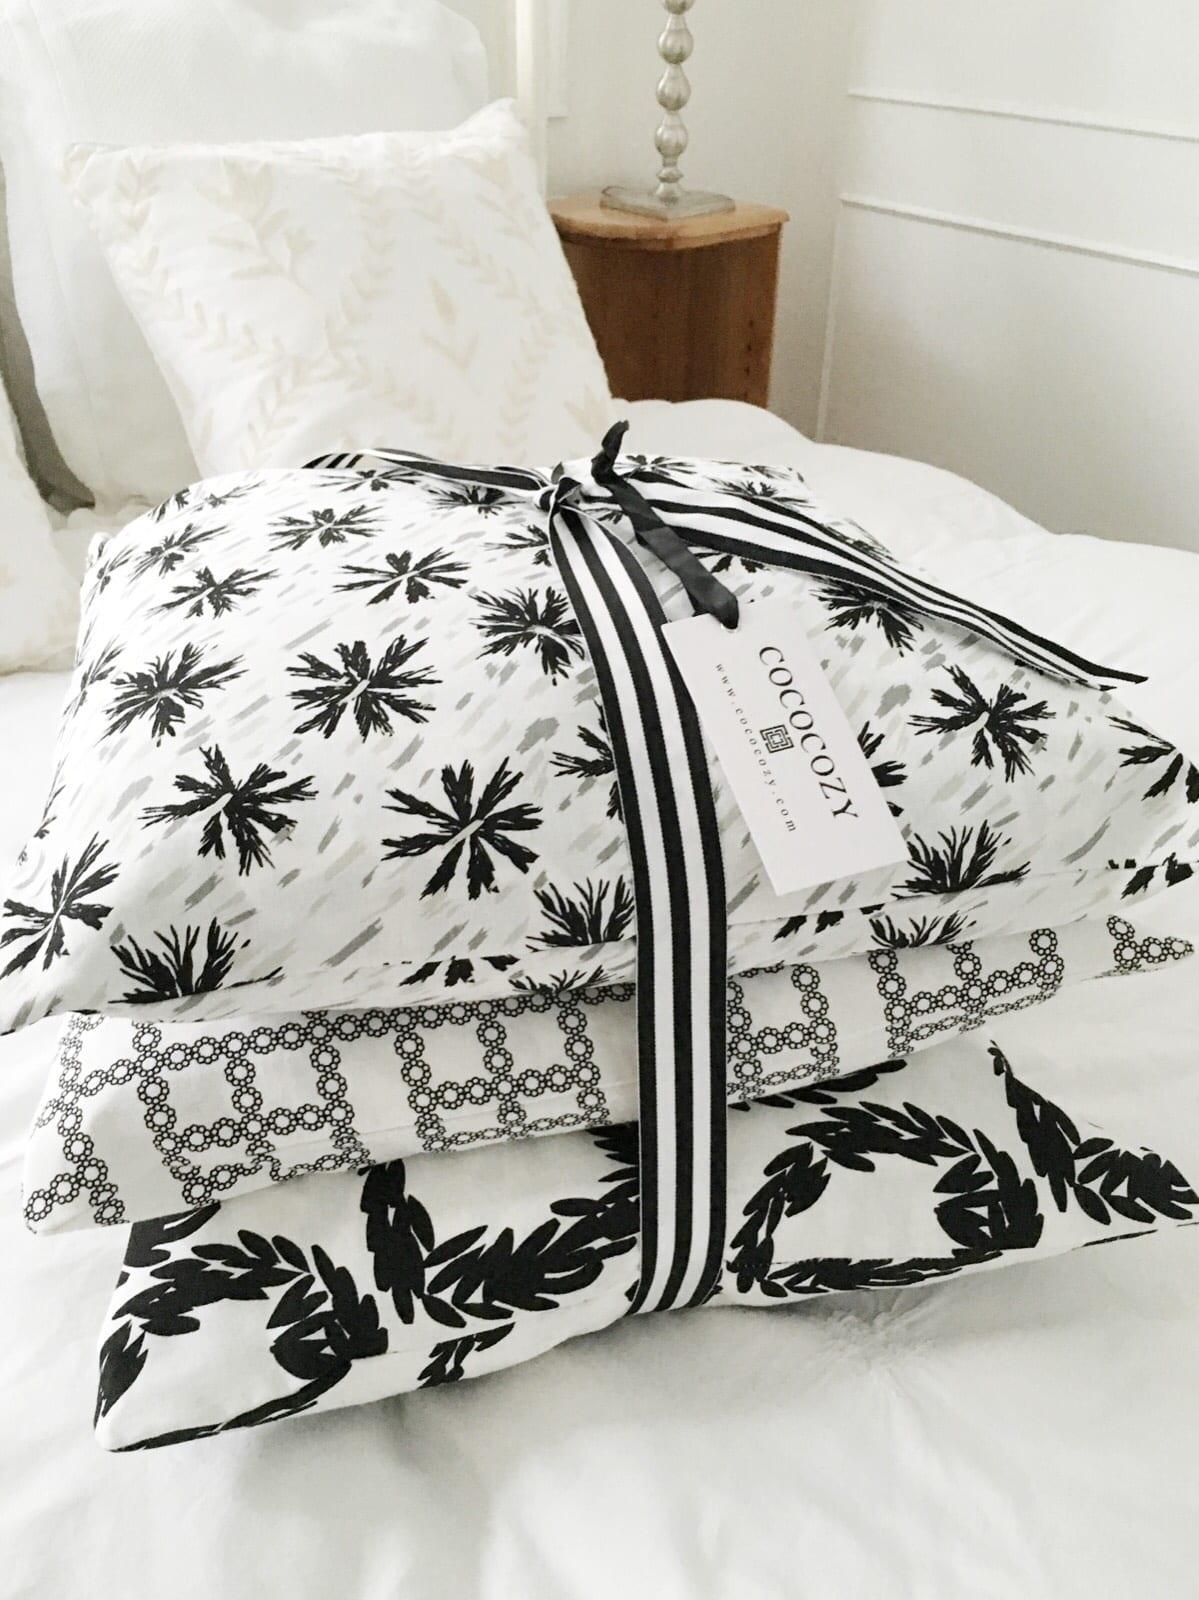 Black white pillows